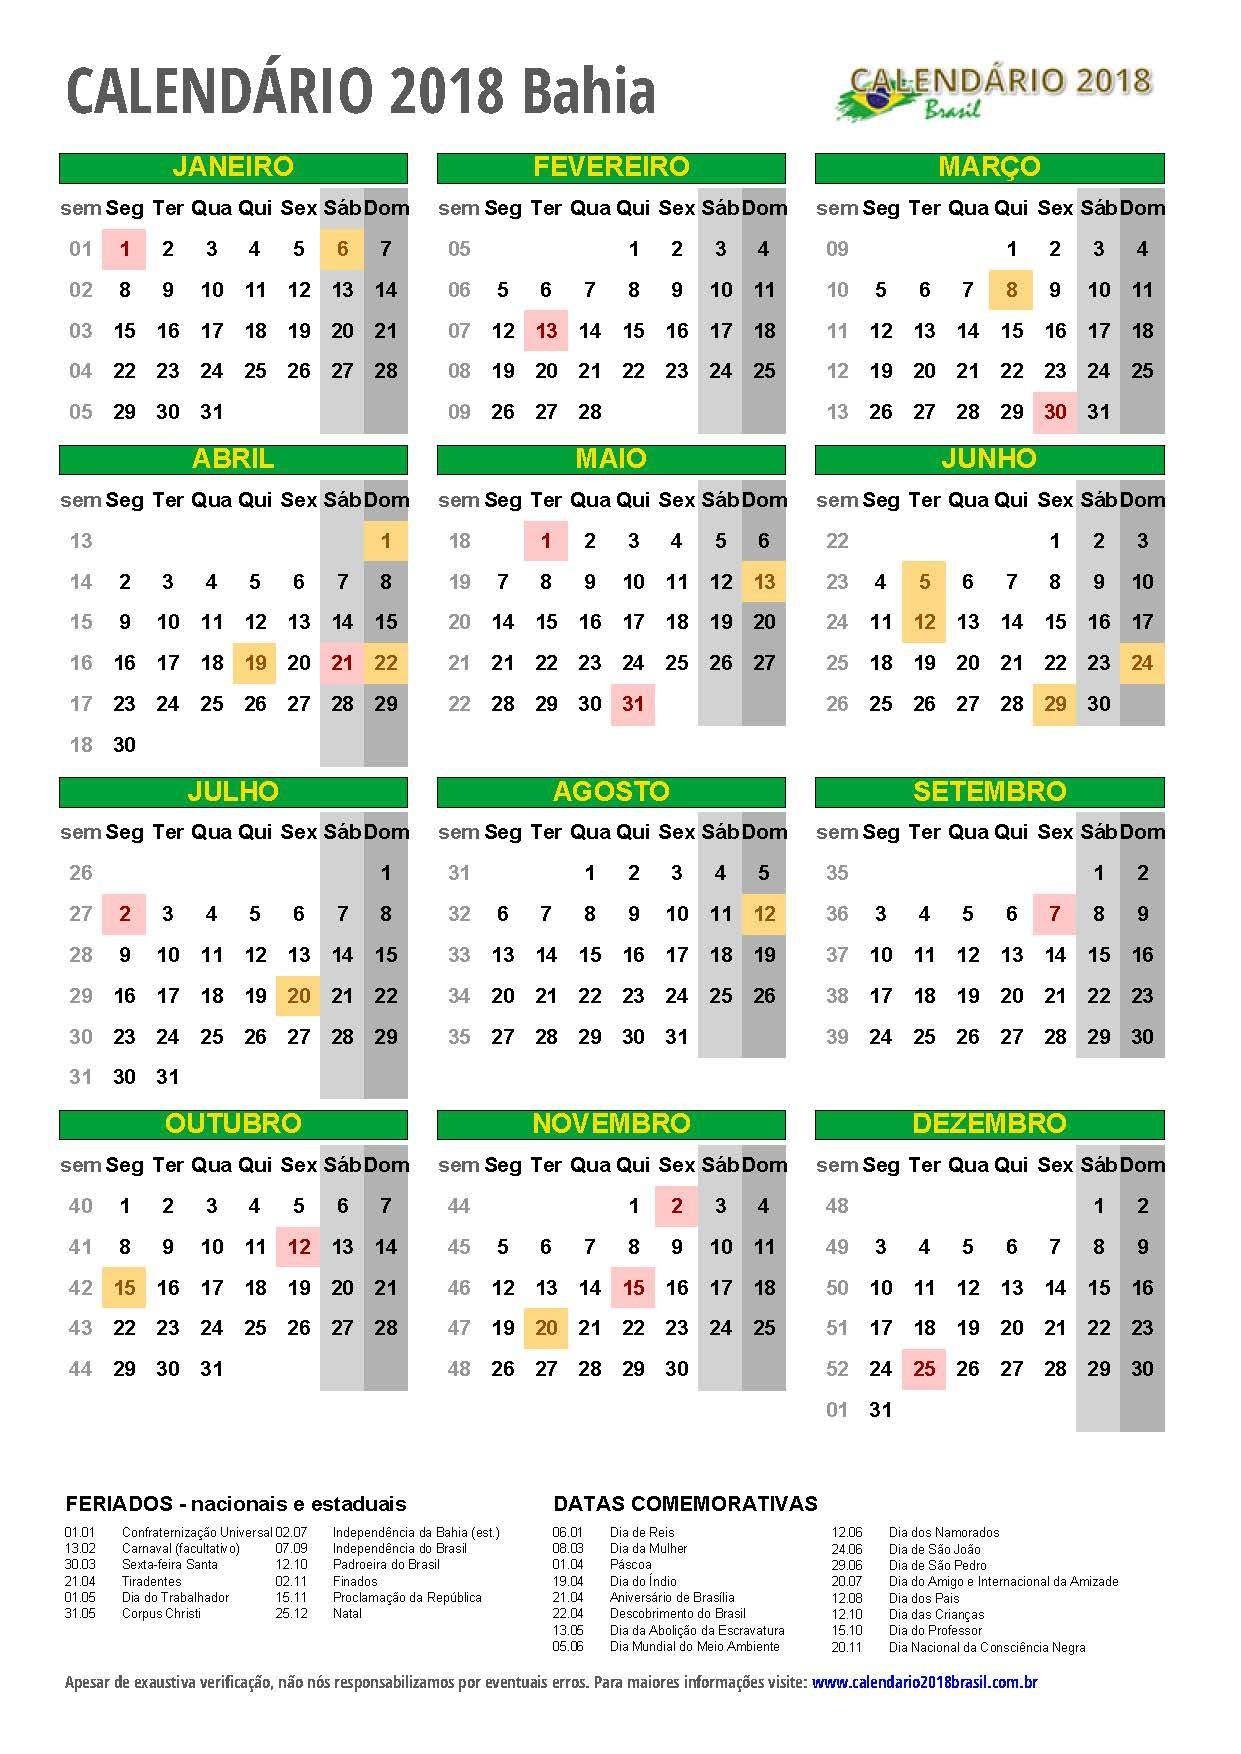 Super pretty calendario para imprimir calendario septiembre qua qui calendario carabobo newspictures carabobo feriados 1241x1754